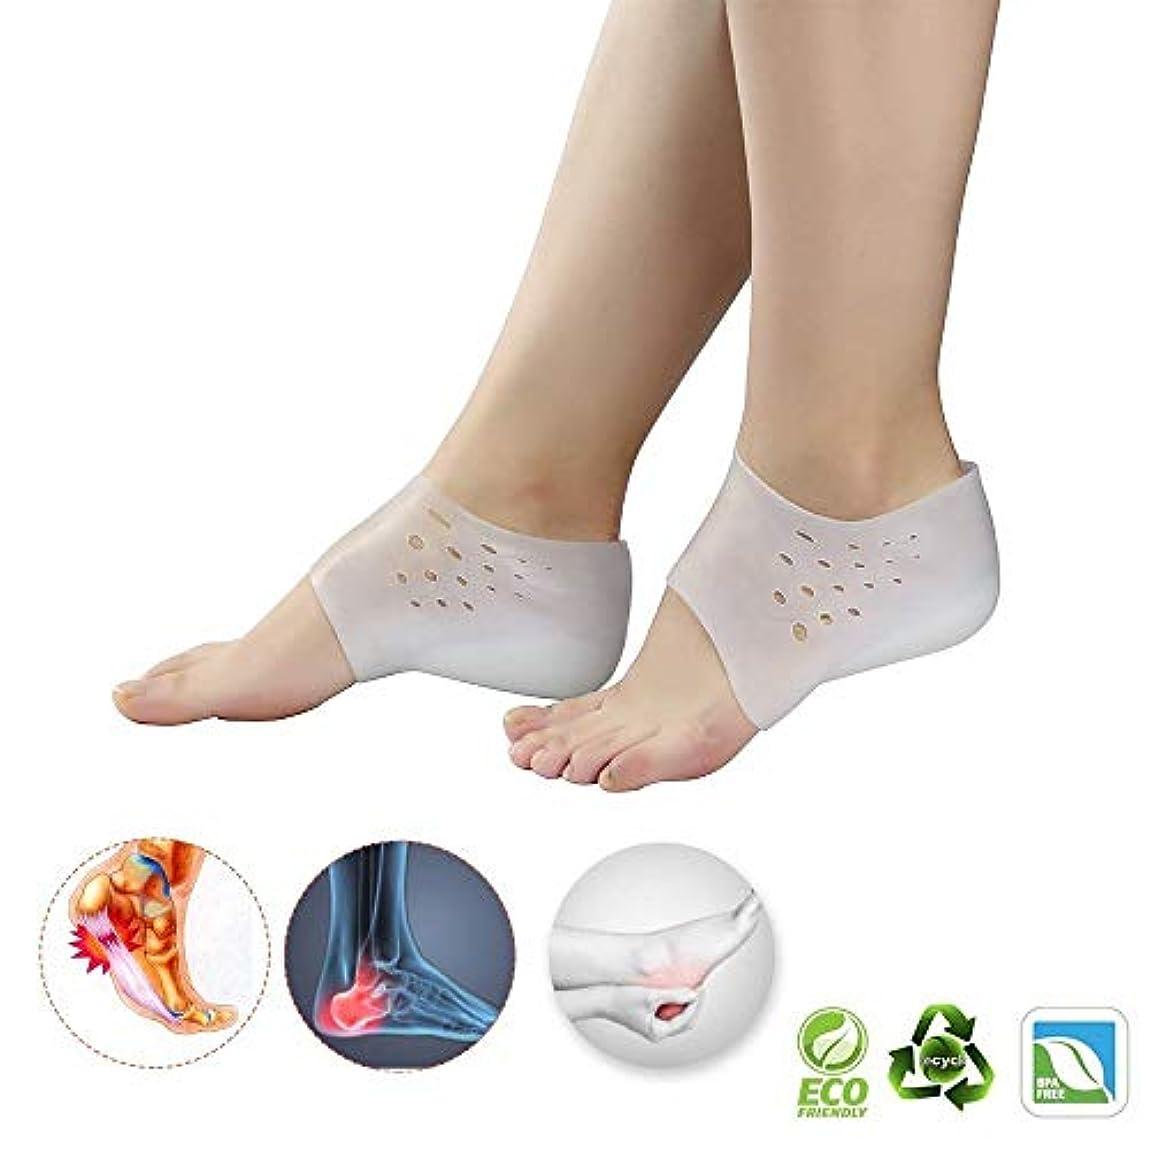 におい夫マイナス足底筋膜炎の高さ増加ヒールスリーブ、ヒールリフトゲル高さ増加インソール-シリコンヒールカップ-男性と女性のためのヒールクッションスリーブプロテクターMen-4.5 cm